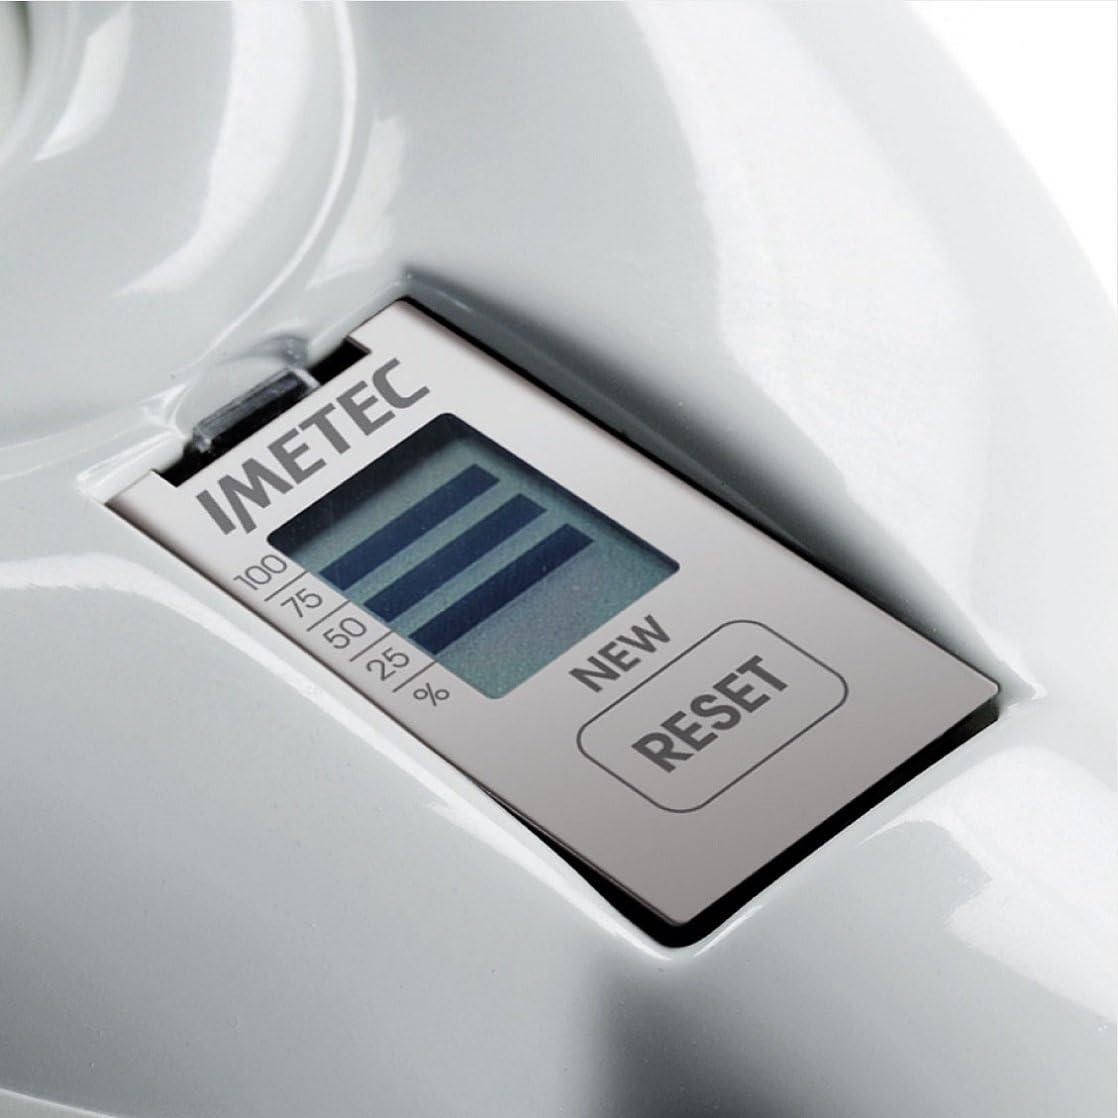 Imetec 7752V Caraffa Filtrante Acqua con 3 Filtri Inclusi